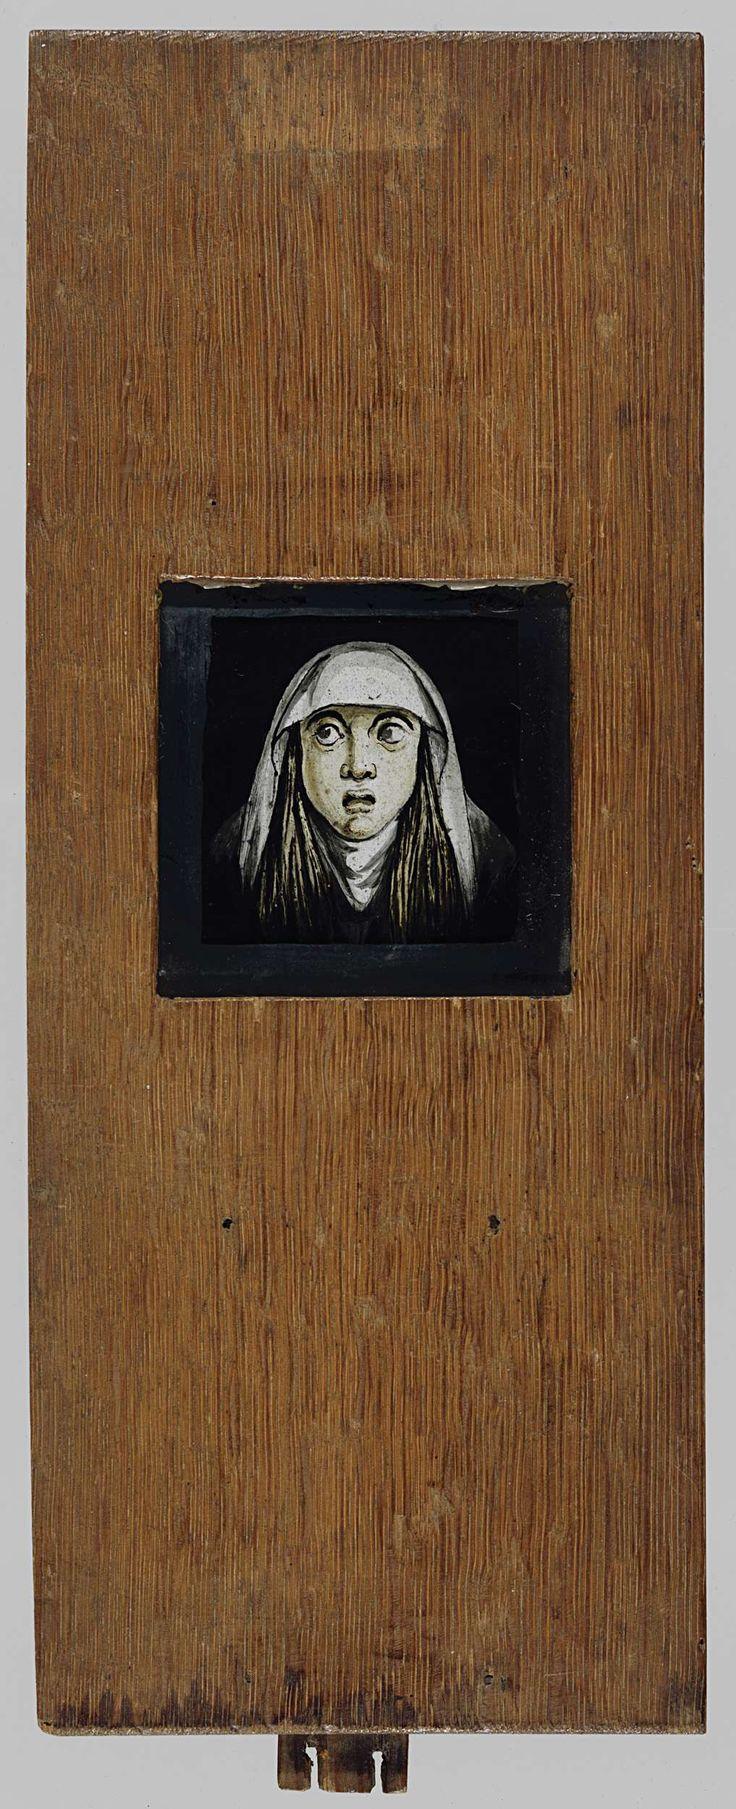 Anonymous | Beweegbare plaat van een meisje met een verschrikt hoofd., Anonymous, 1700 - 1800 | Houten frame met glasplaat, gebruikt voor toverlantaarn. Meisje mt een verschrikt hoofd. Ze heeft lang haar dat langs haar gezicht valt. Op haar hoofd draagt ze een wit kapje en de ogen kunnen bewogen worden.